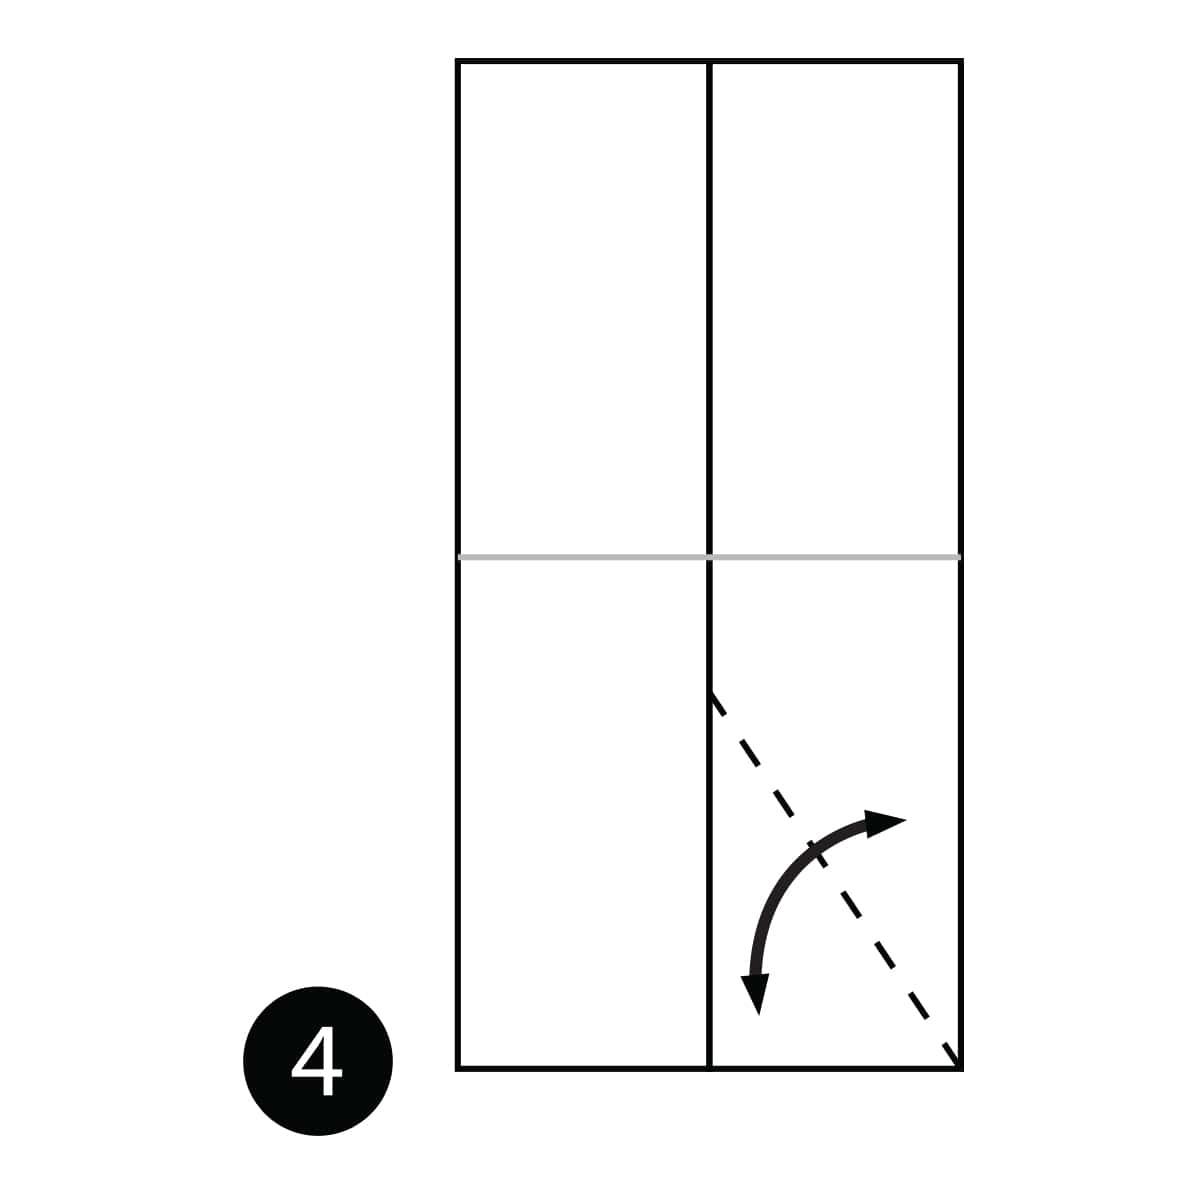 Mitten Step 4